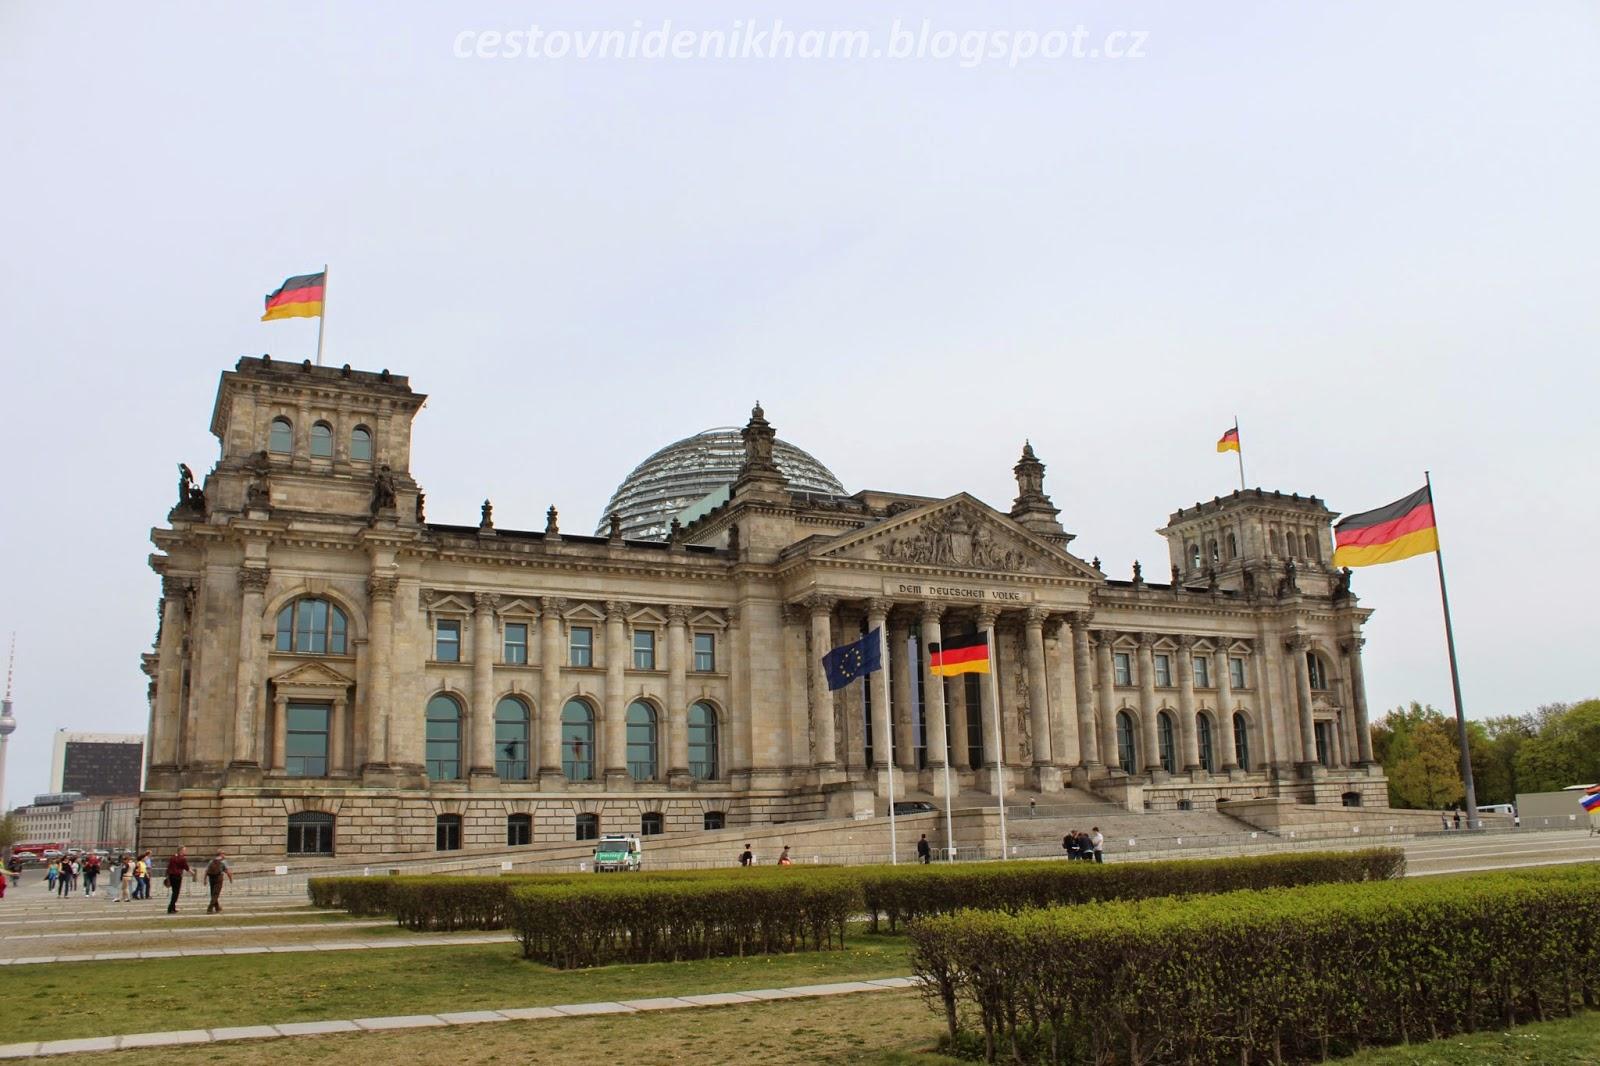 Budova Říšského sněmu v Berlíně // Reichstag building